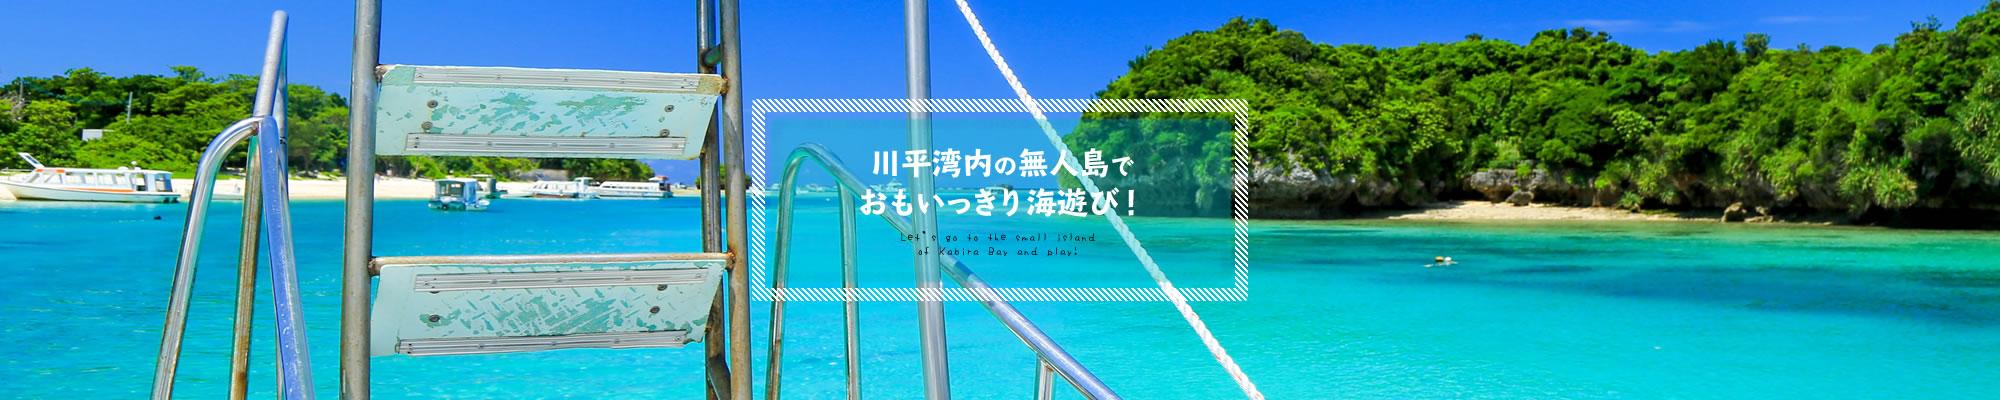 石垣島の無人島に行けるツアー